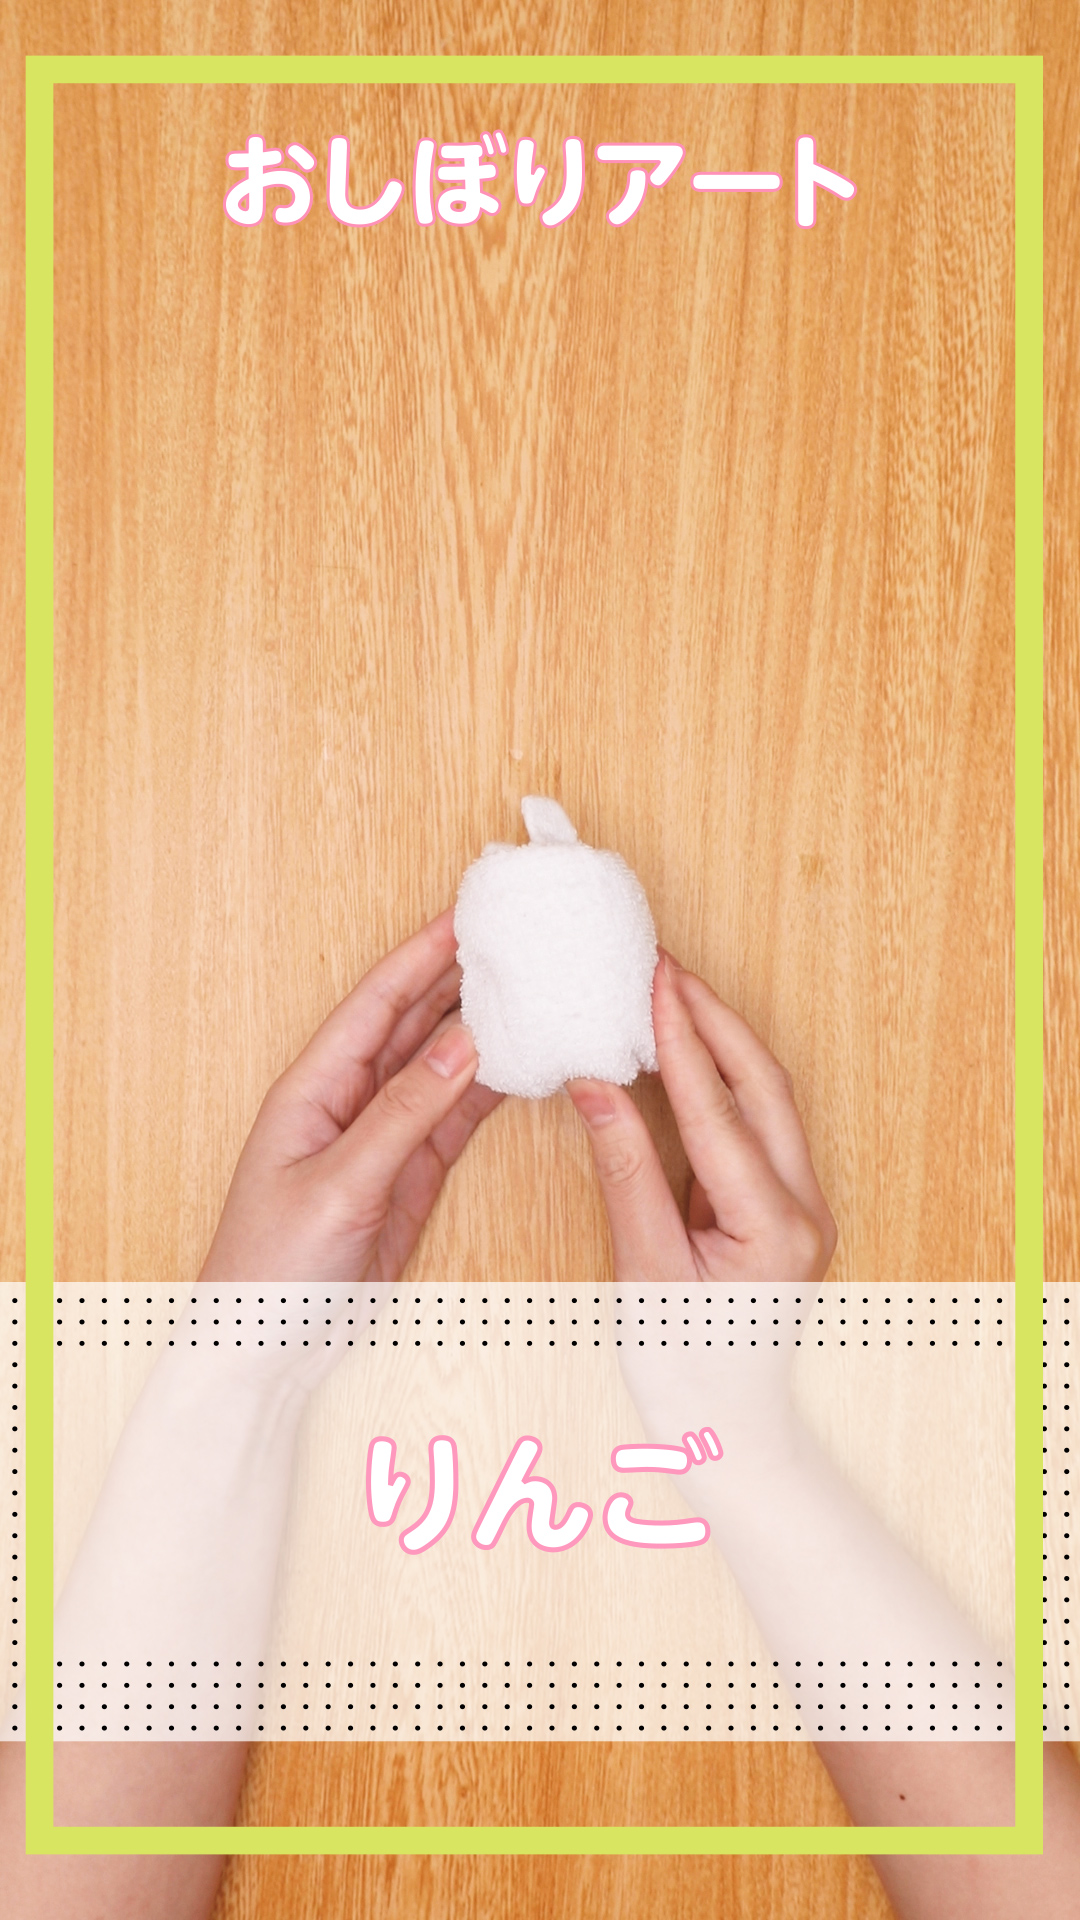 【動画】おしぼりアートりんご